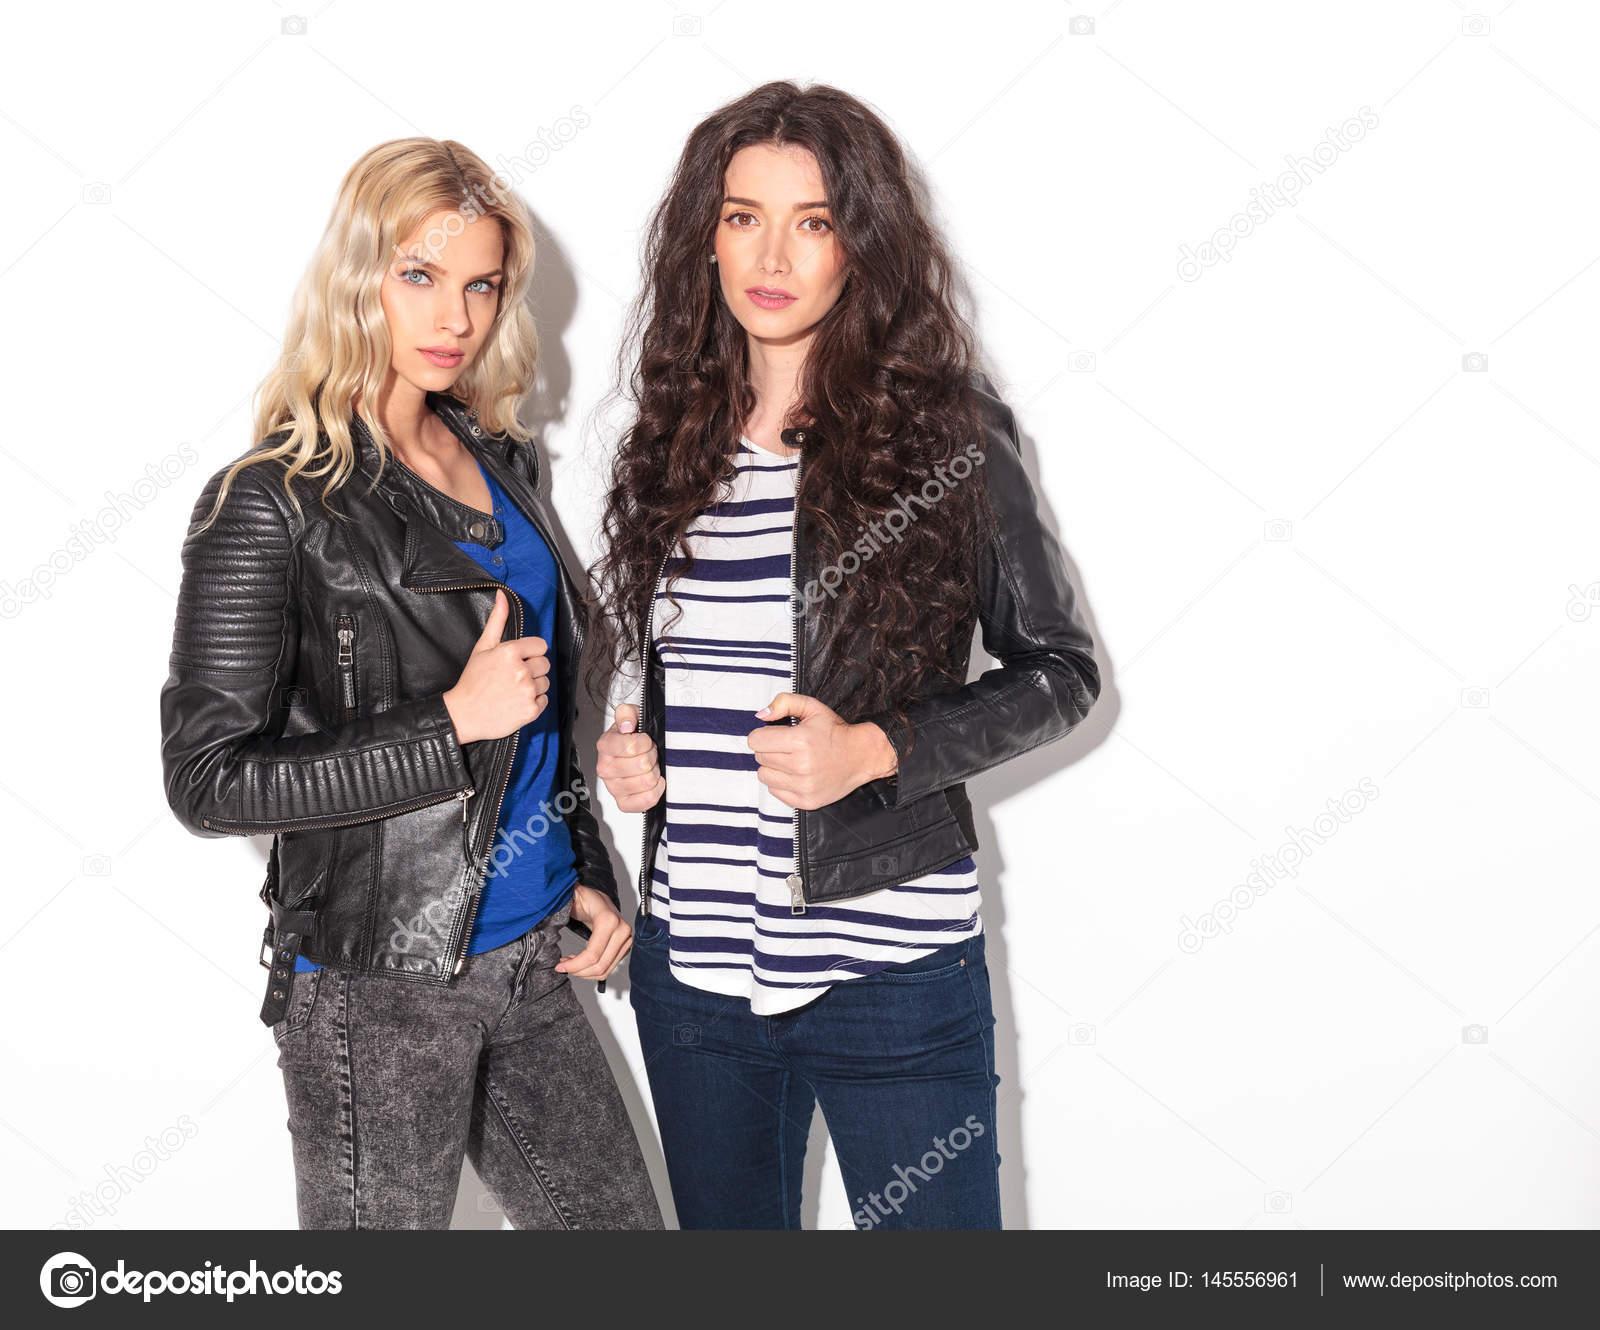 b5794d4b33 Zwei schwere junge Frauen in Lederjacken halten ihre Halsbänder — Stockfoto